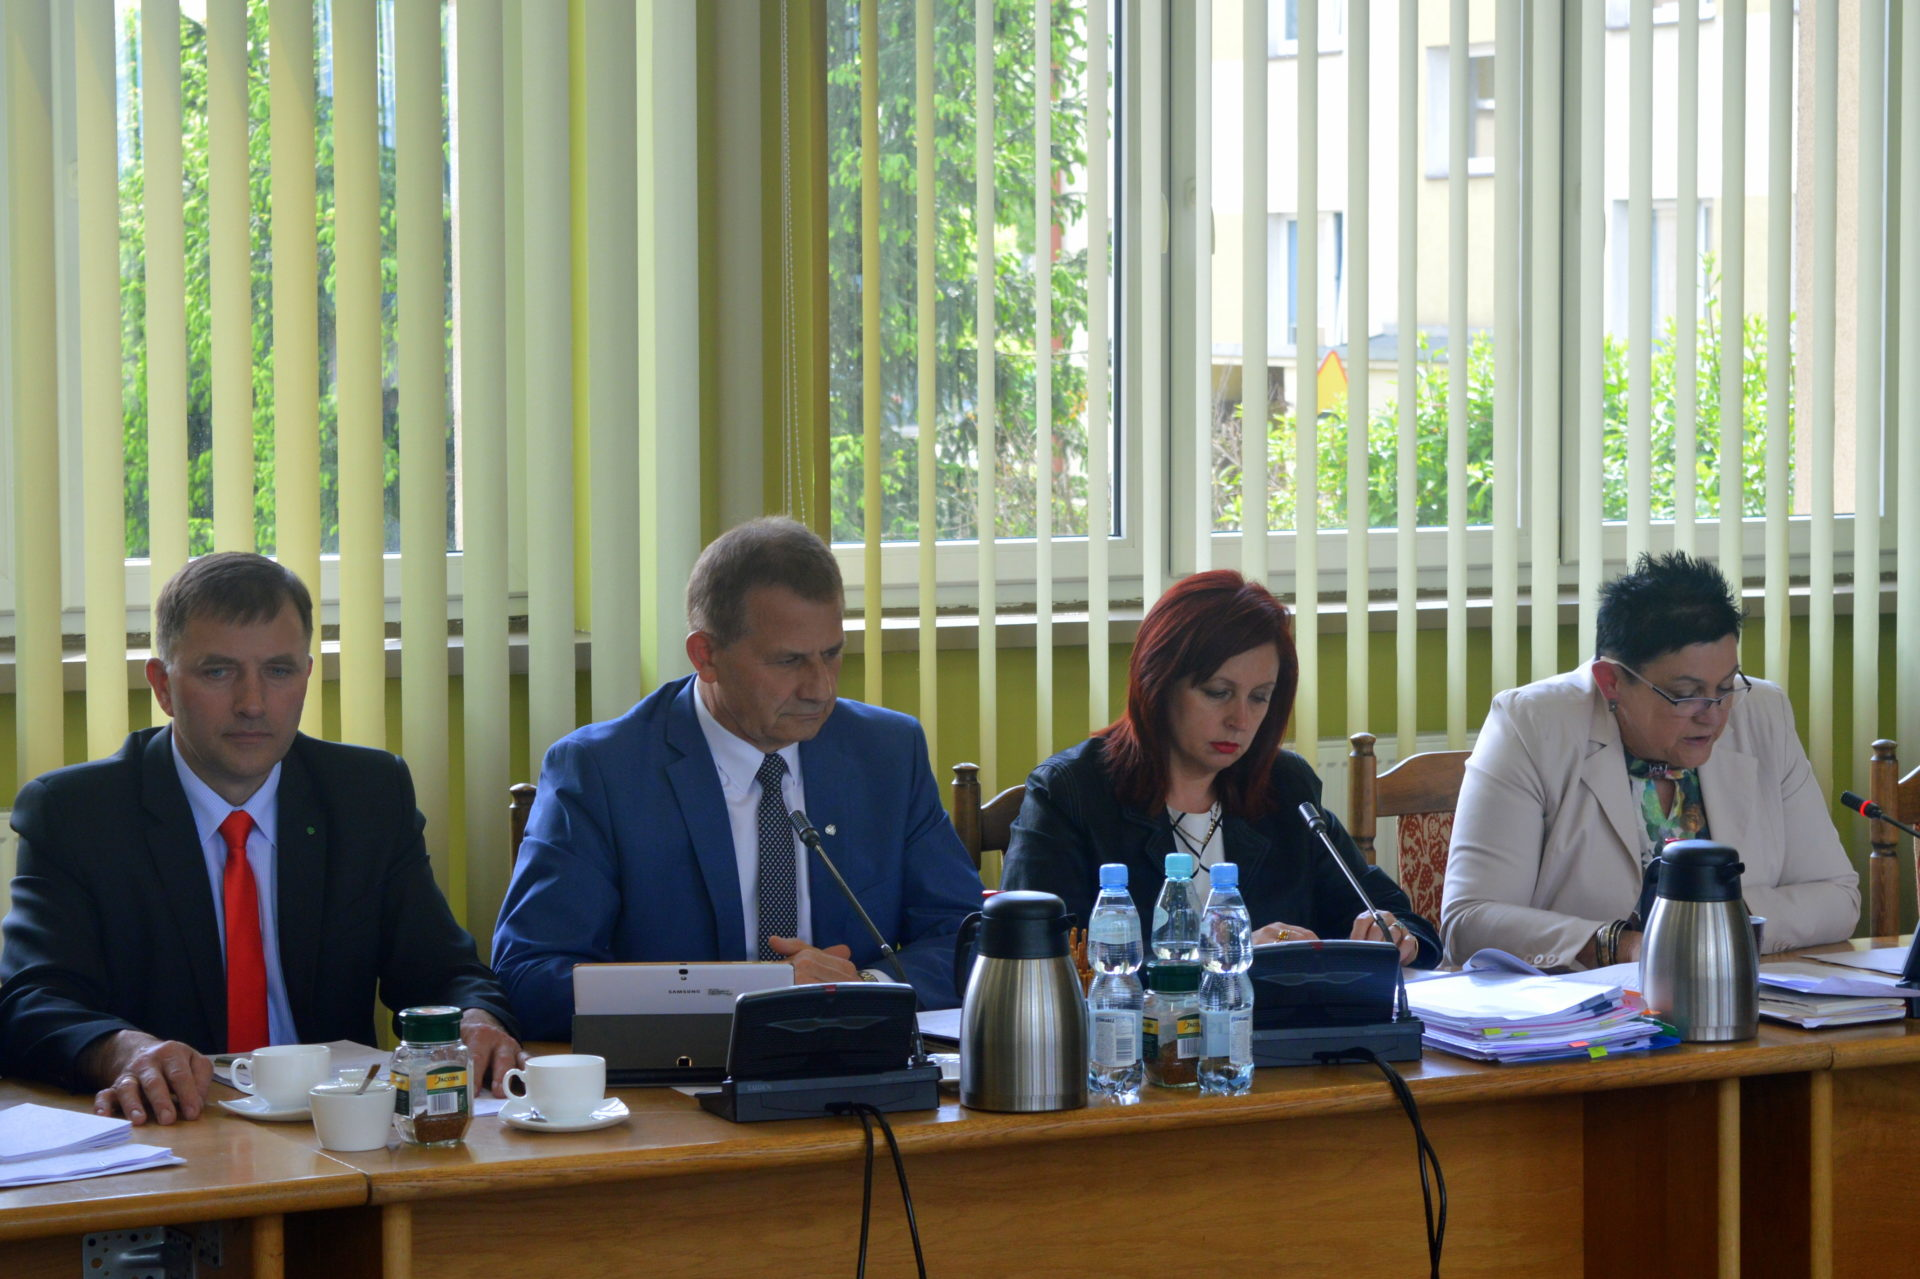 Zarząd Powiatu Łaskiego z absolutorium za 2014 rok